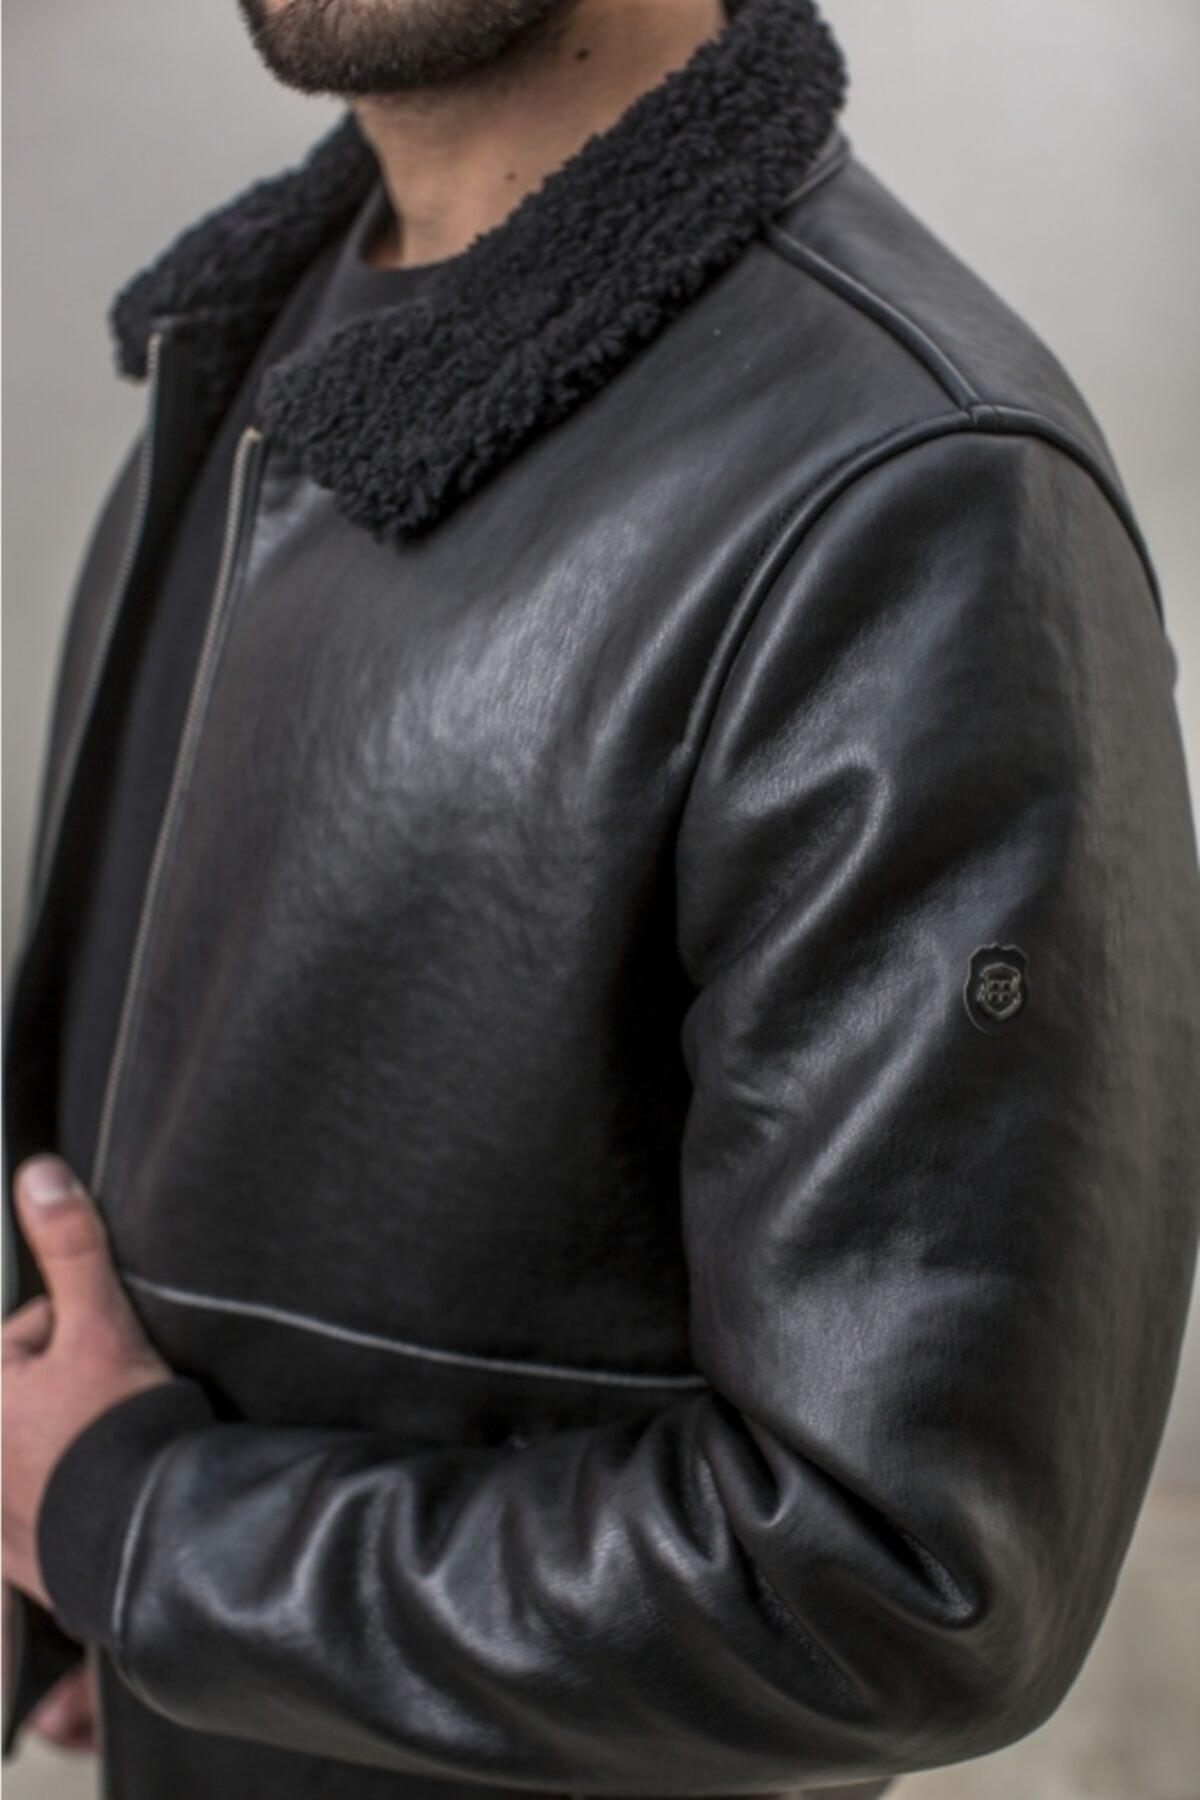 کاپشن چرم مردانه ست برند آوا رنگ مشکی کد ty102152347